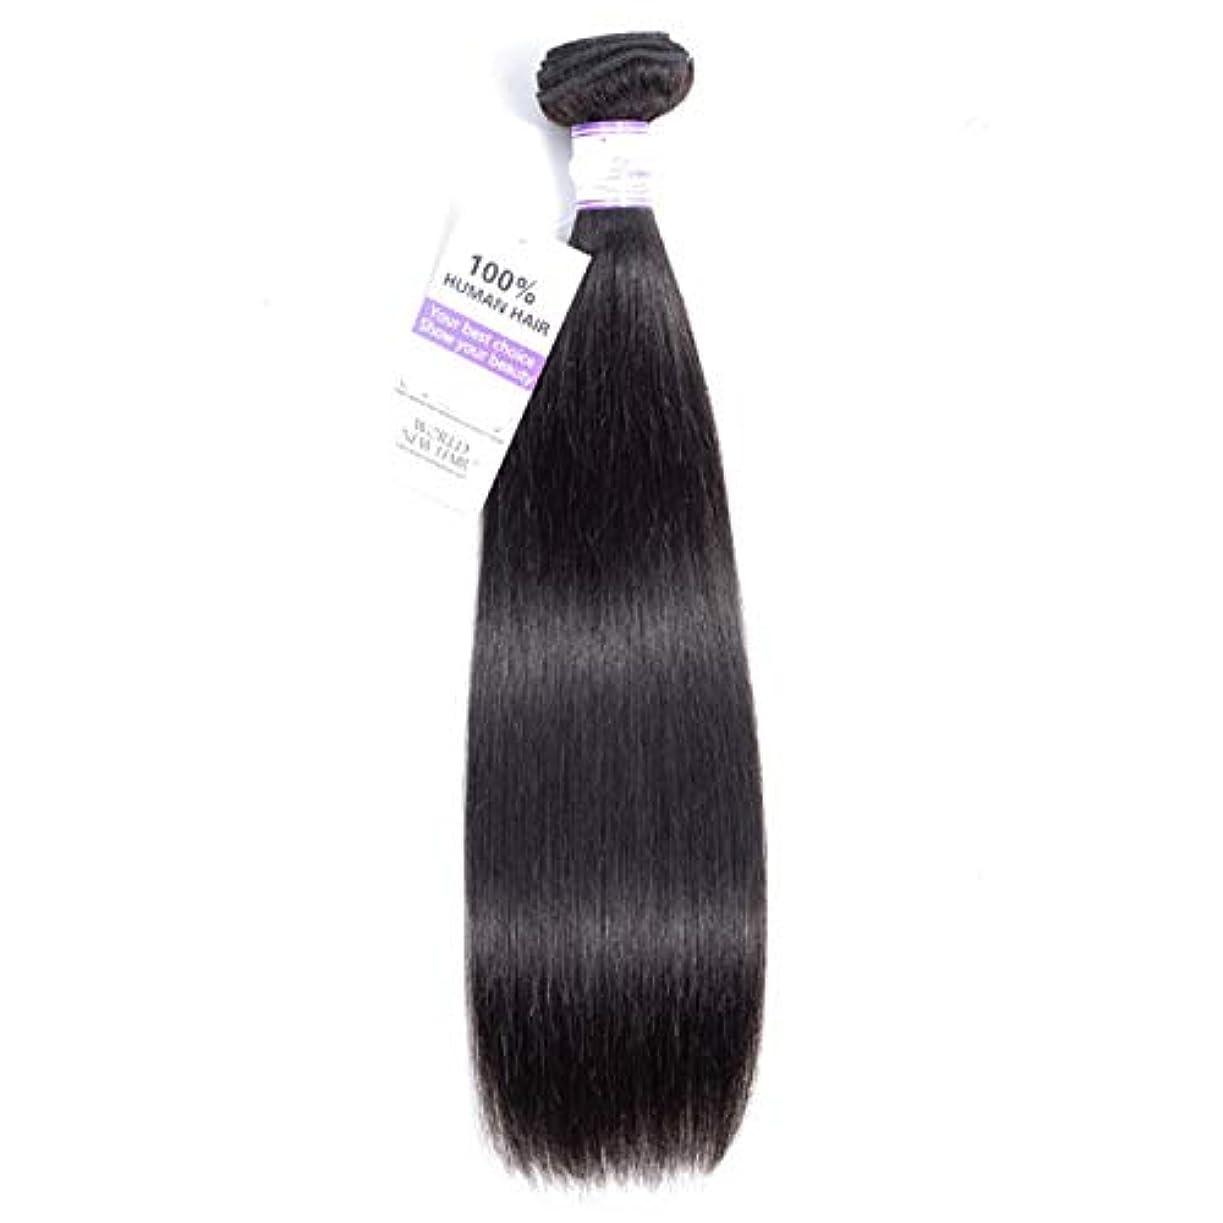 与える息子不愉快にかつら ペルーのストレートヘア織り髪バンドル8-28インチ100%人毛織り非レミー髪ナチュラルカラー1ピース (Stretched Length : 12inches)